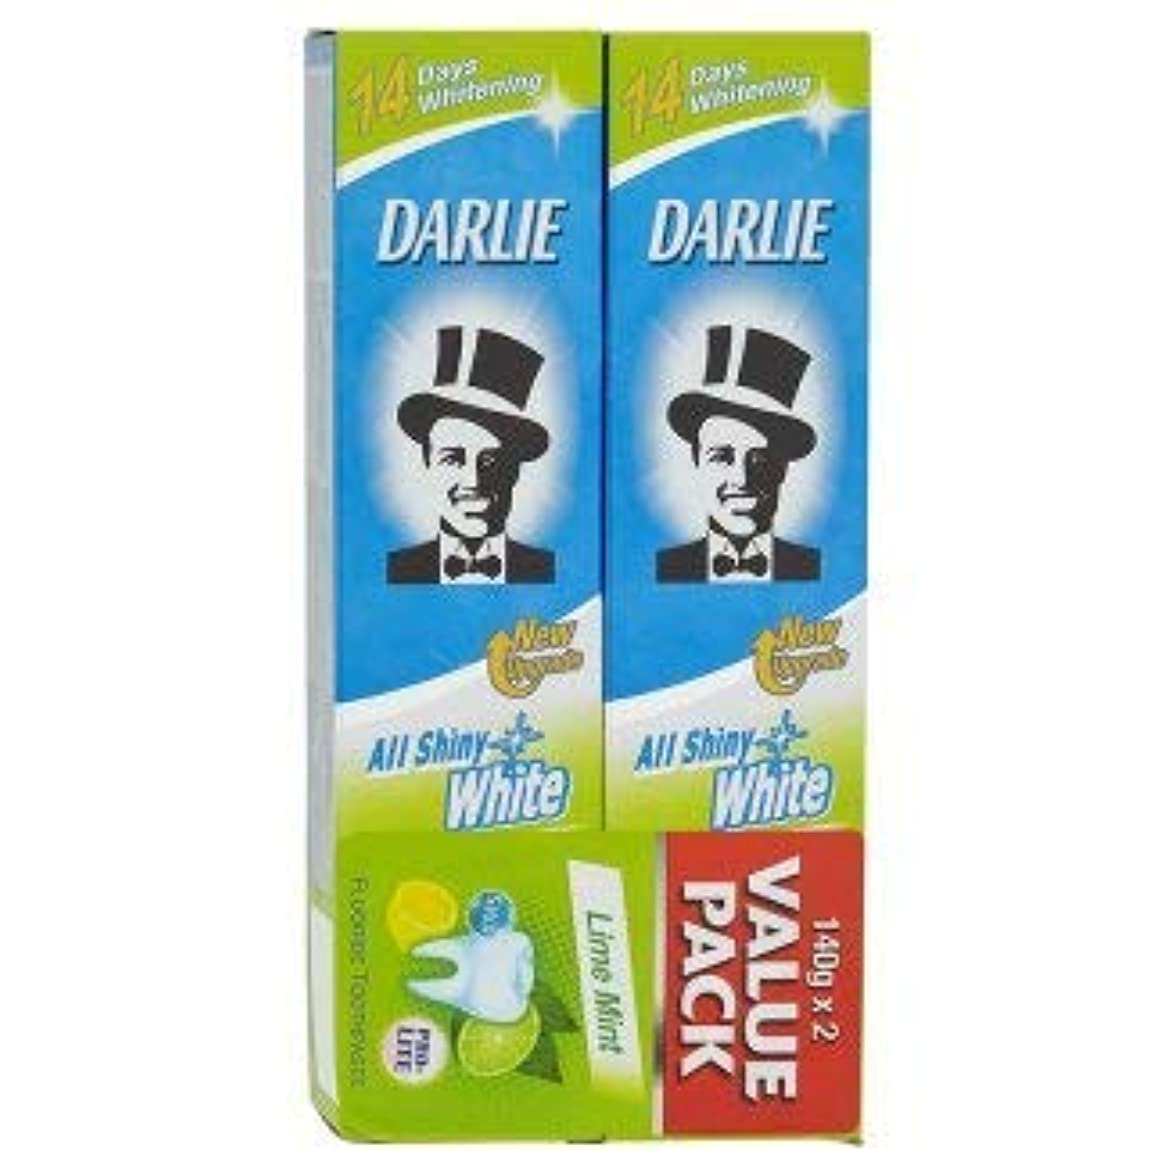 死にかけている前投薬そうでなければDARLIE 2つの電力可溶性汚れや緩やかな歯のホワイトニングを提供する新しいデュアルホワイトニングシステム - 全光沢のある白ライムミント140グラム値パックX2を歯磨き粉